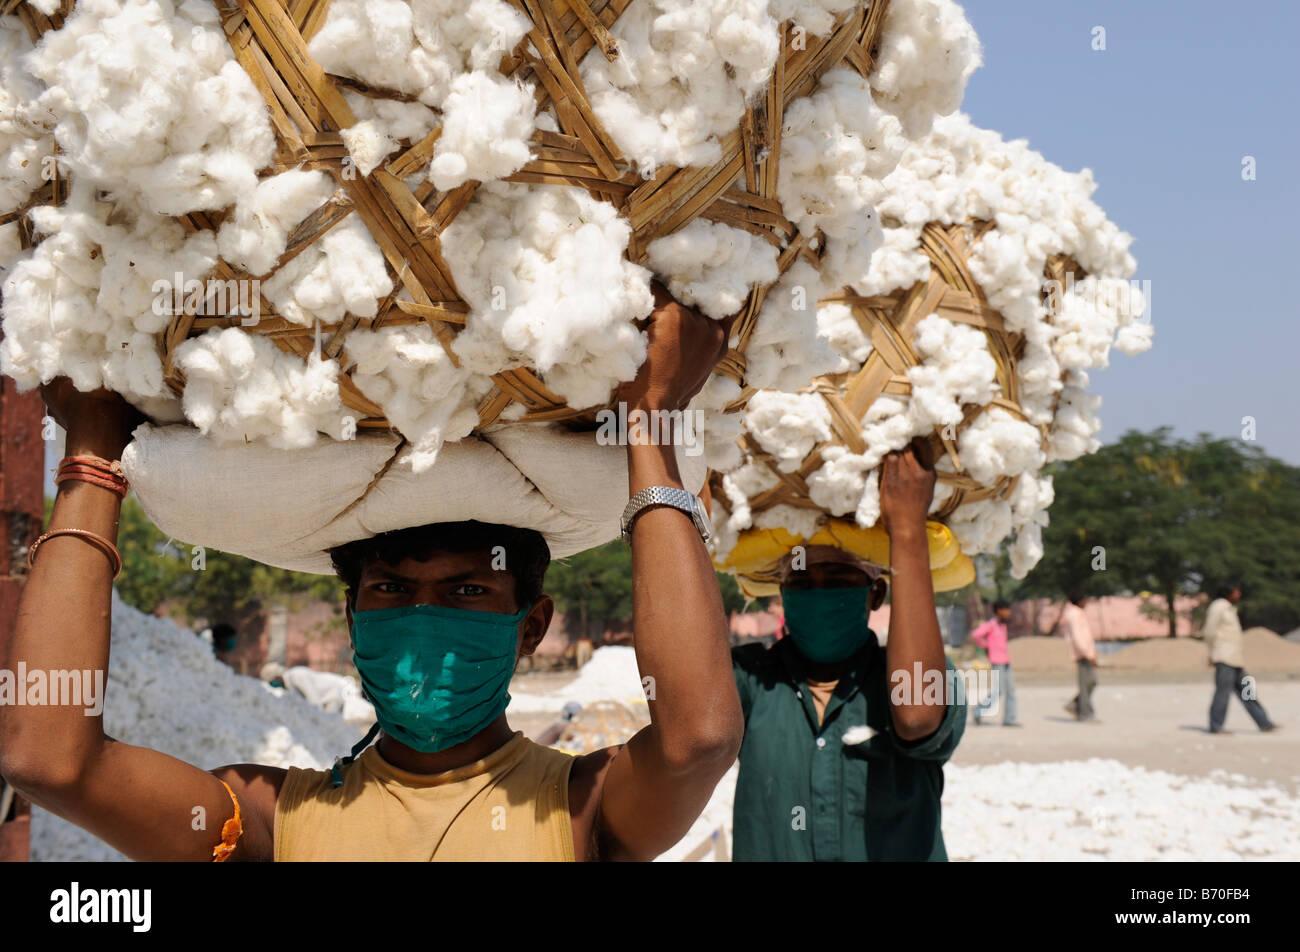 La India, Madhya Pradesh, Indore , Mahima fábrica desmotadora de algodón de comercio justo y orgánico, Imagen De Stock